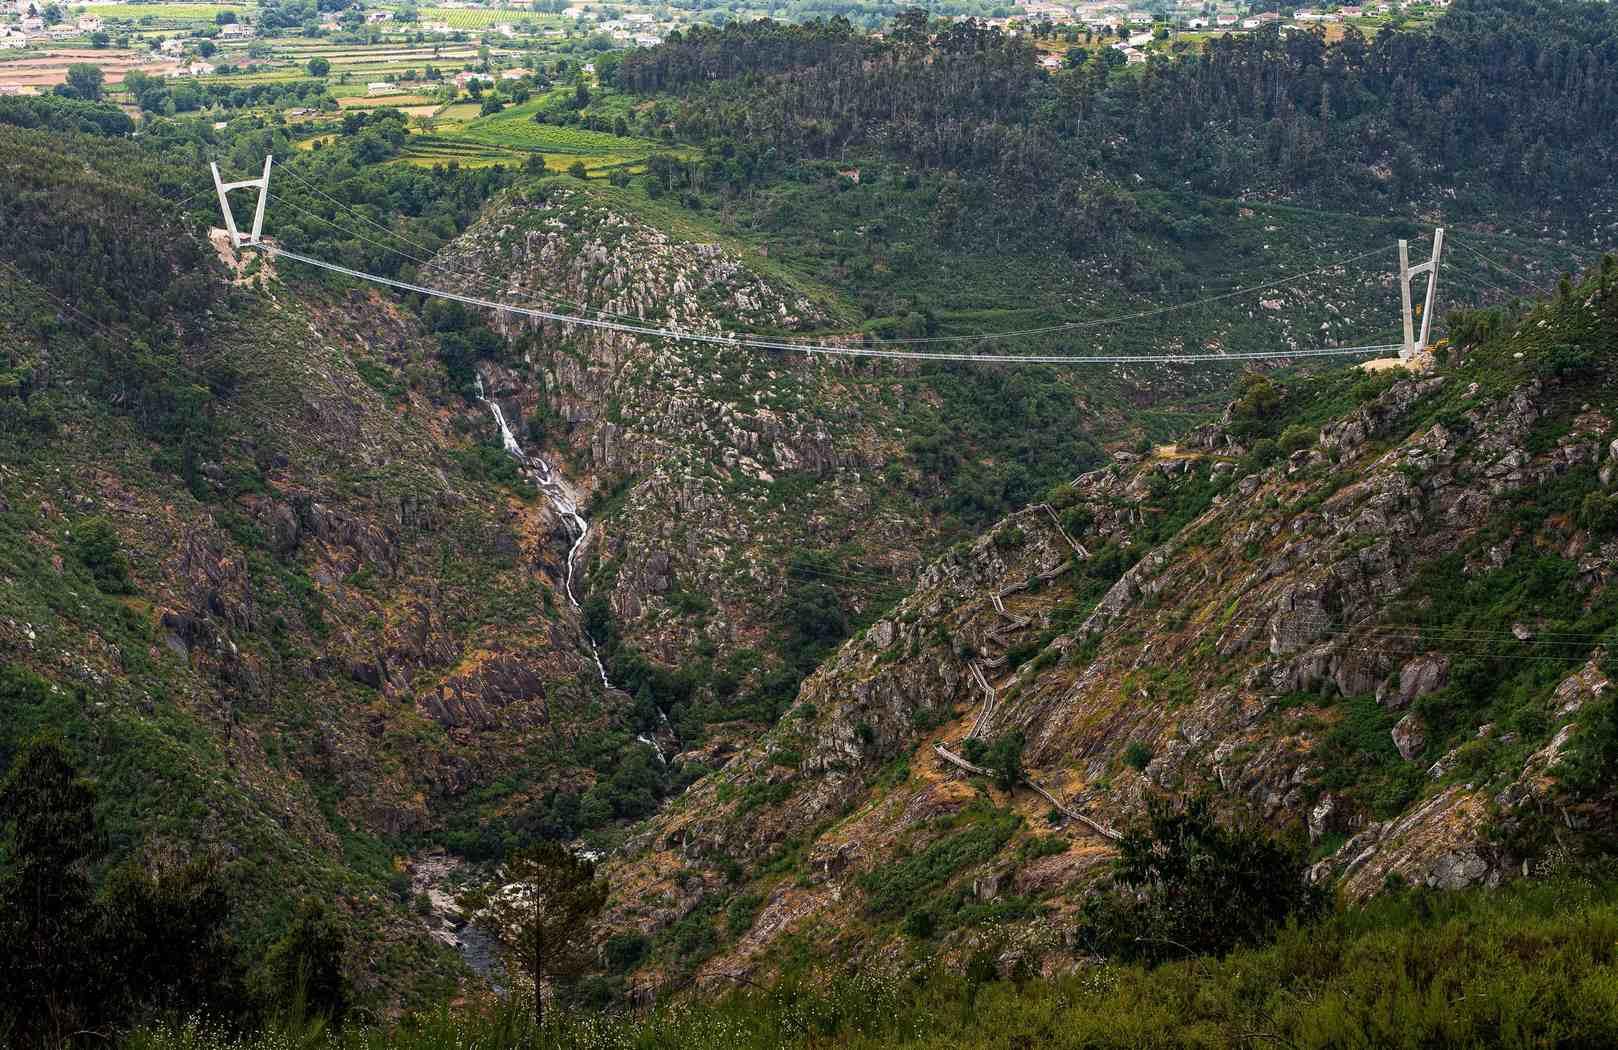 В Португалии открыли новый объект для любителей экстрима — самый длинный в мире подвесной мост (фото)